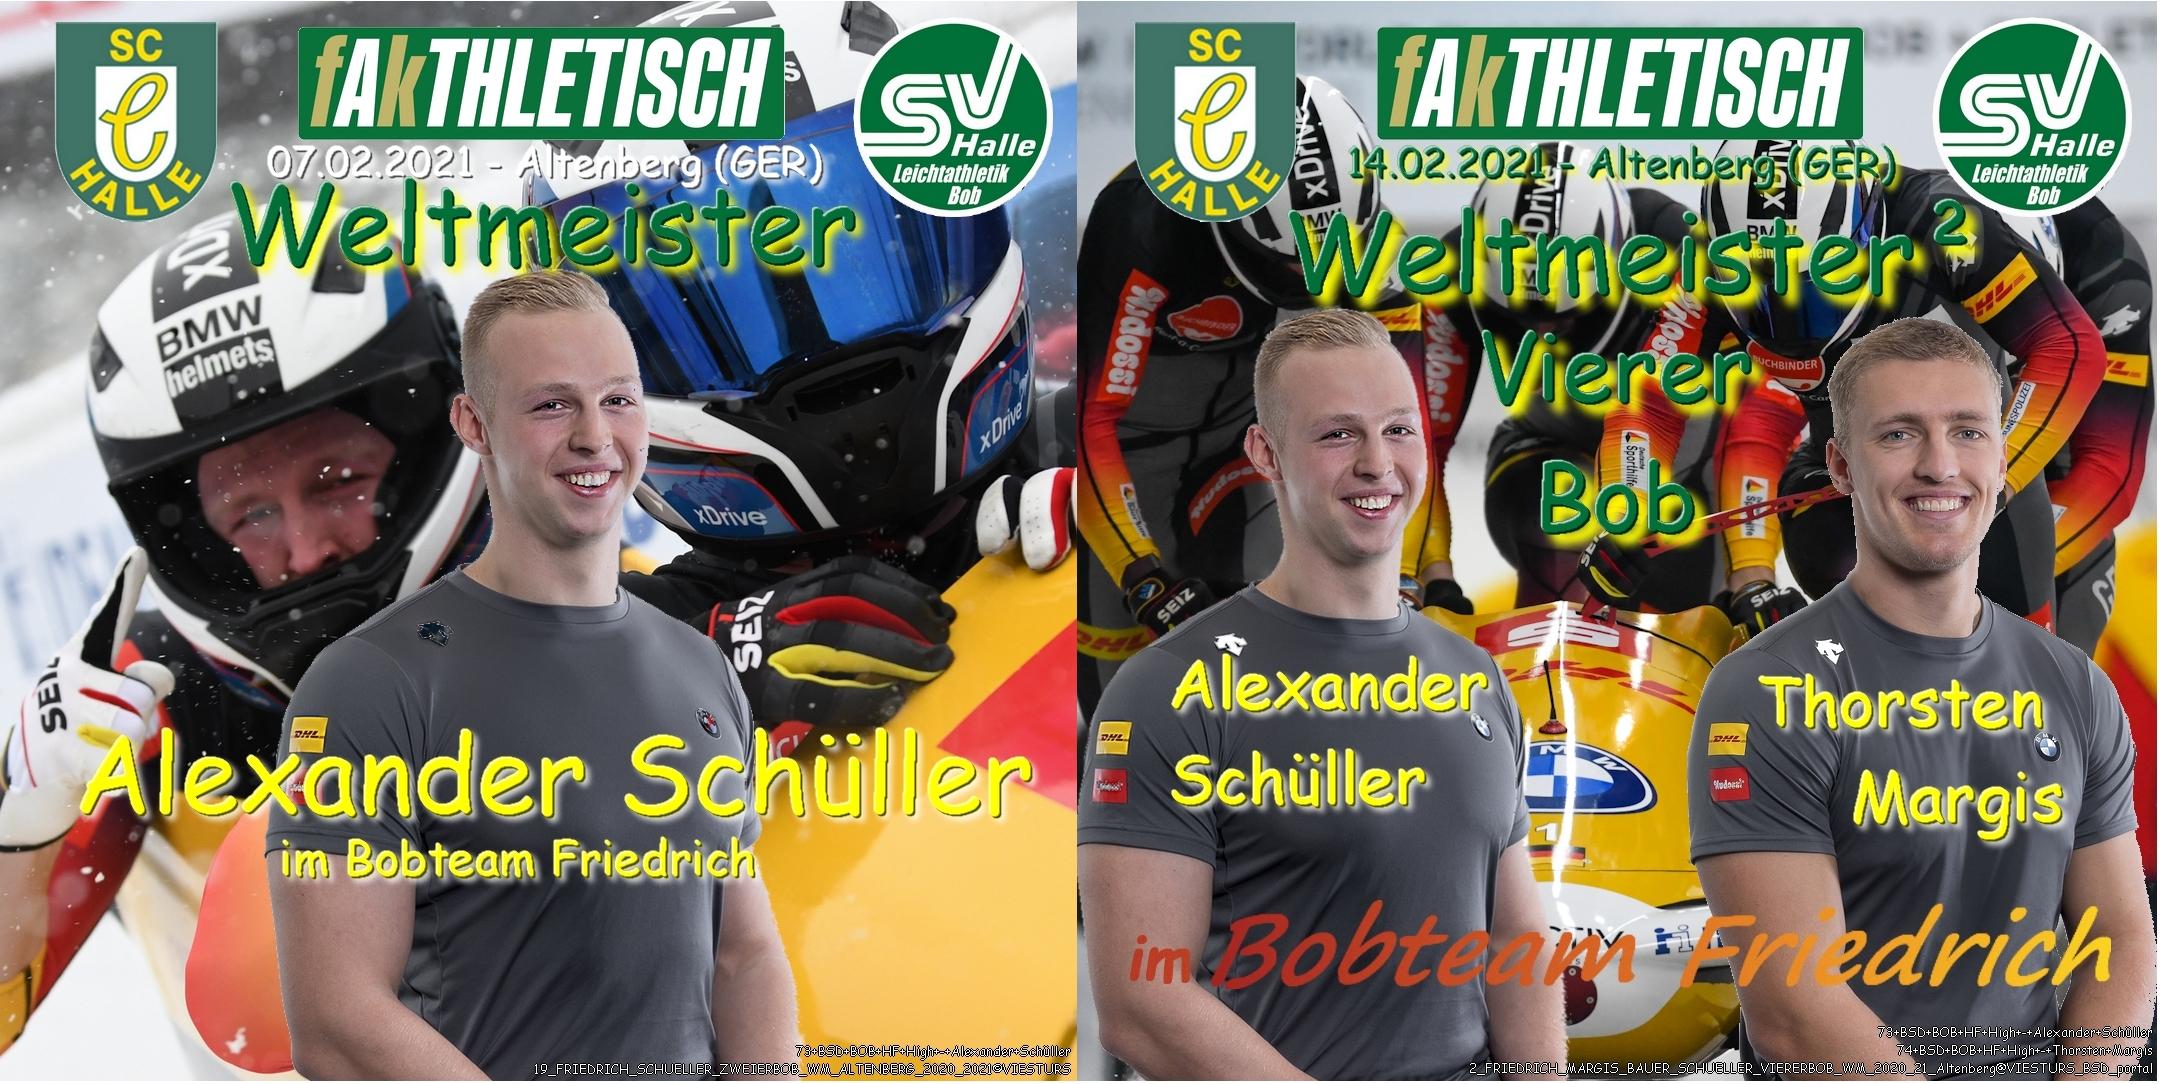 2021.02.14 - BOBWM Altenberg 3 Weltmeistertitel